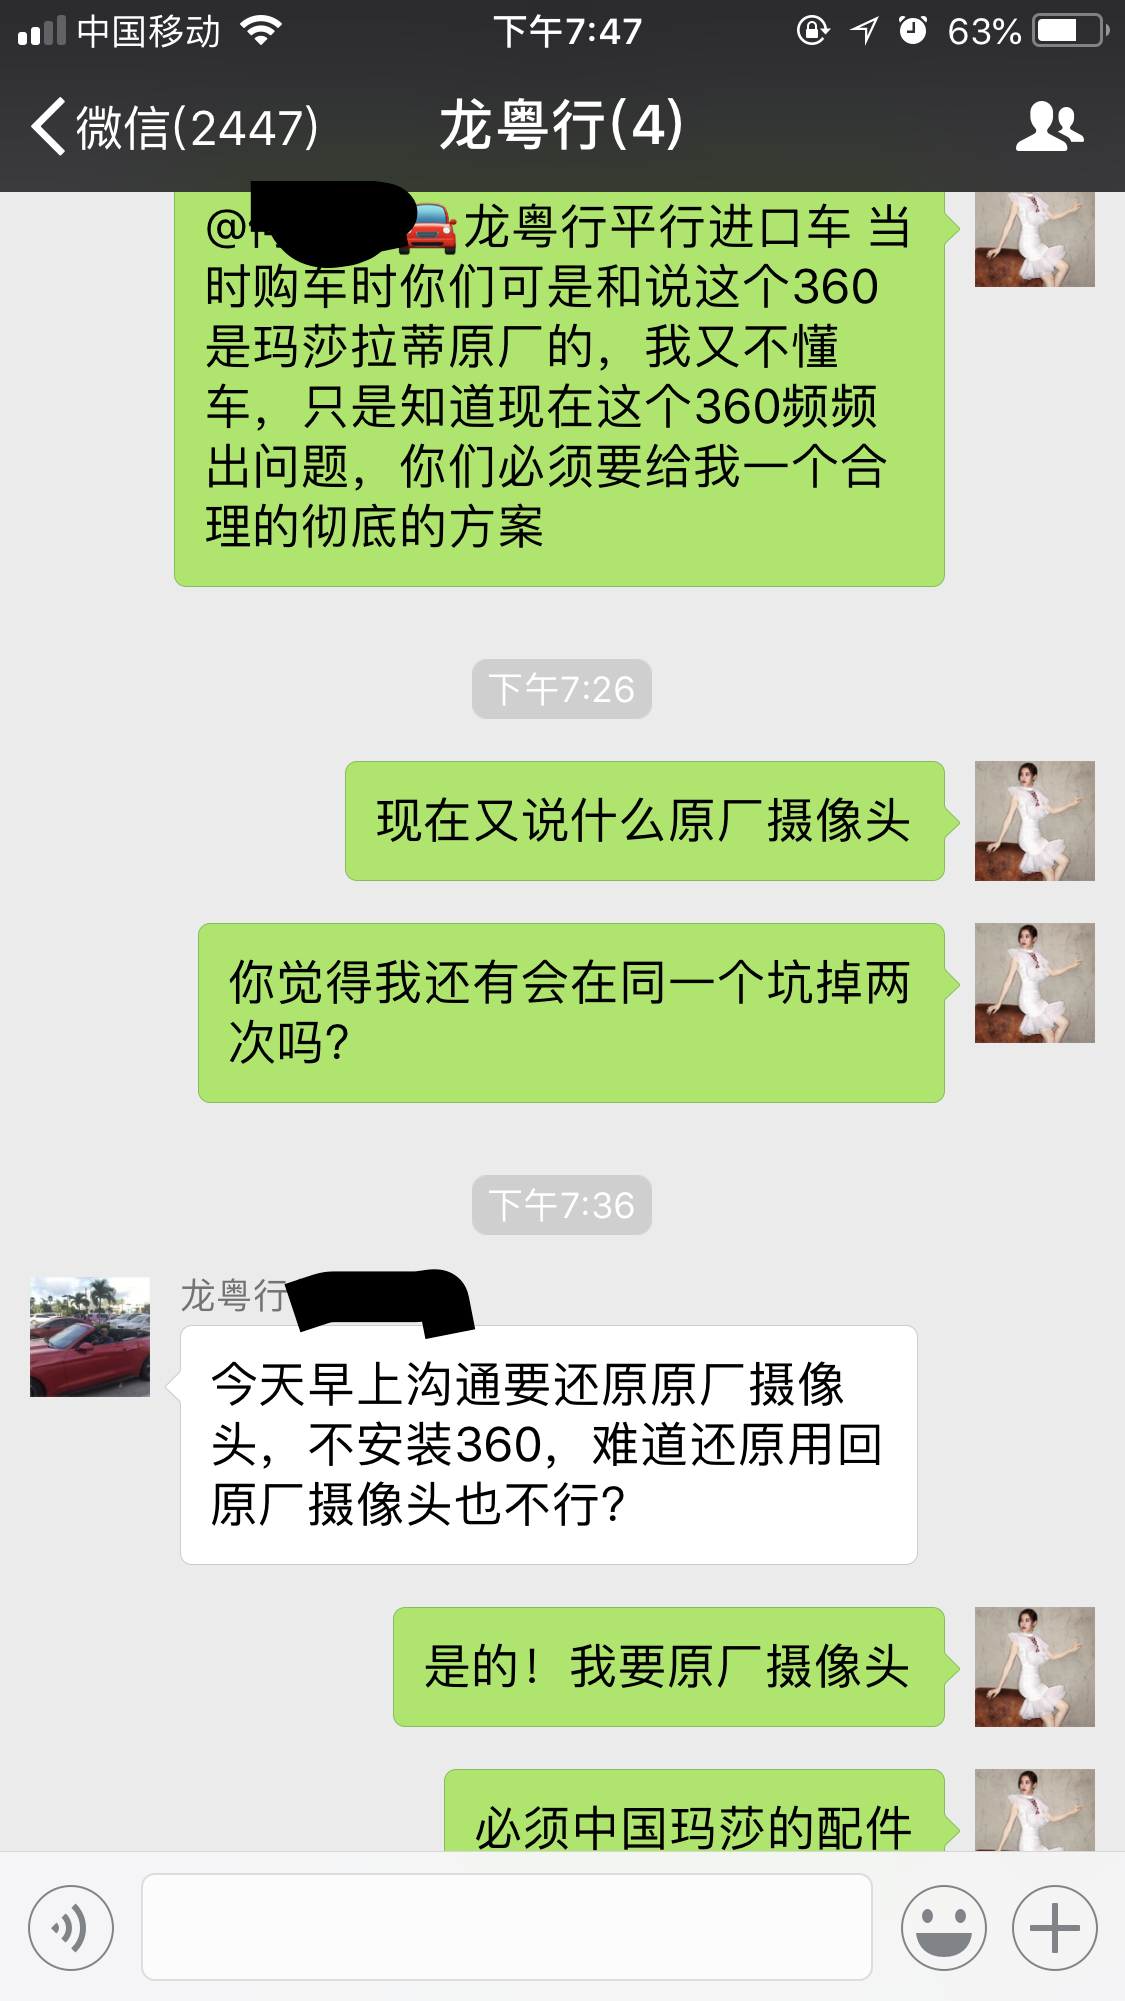 玛莎拉蒂-Lavante 平行车商广州龙粤行蒙骗车主,把后装件当原厂件卖